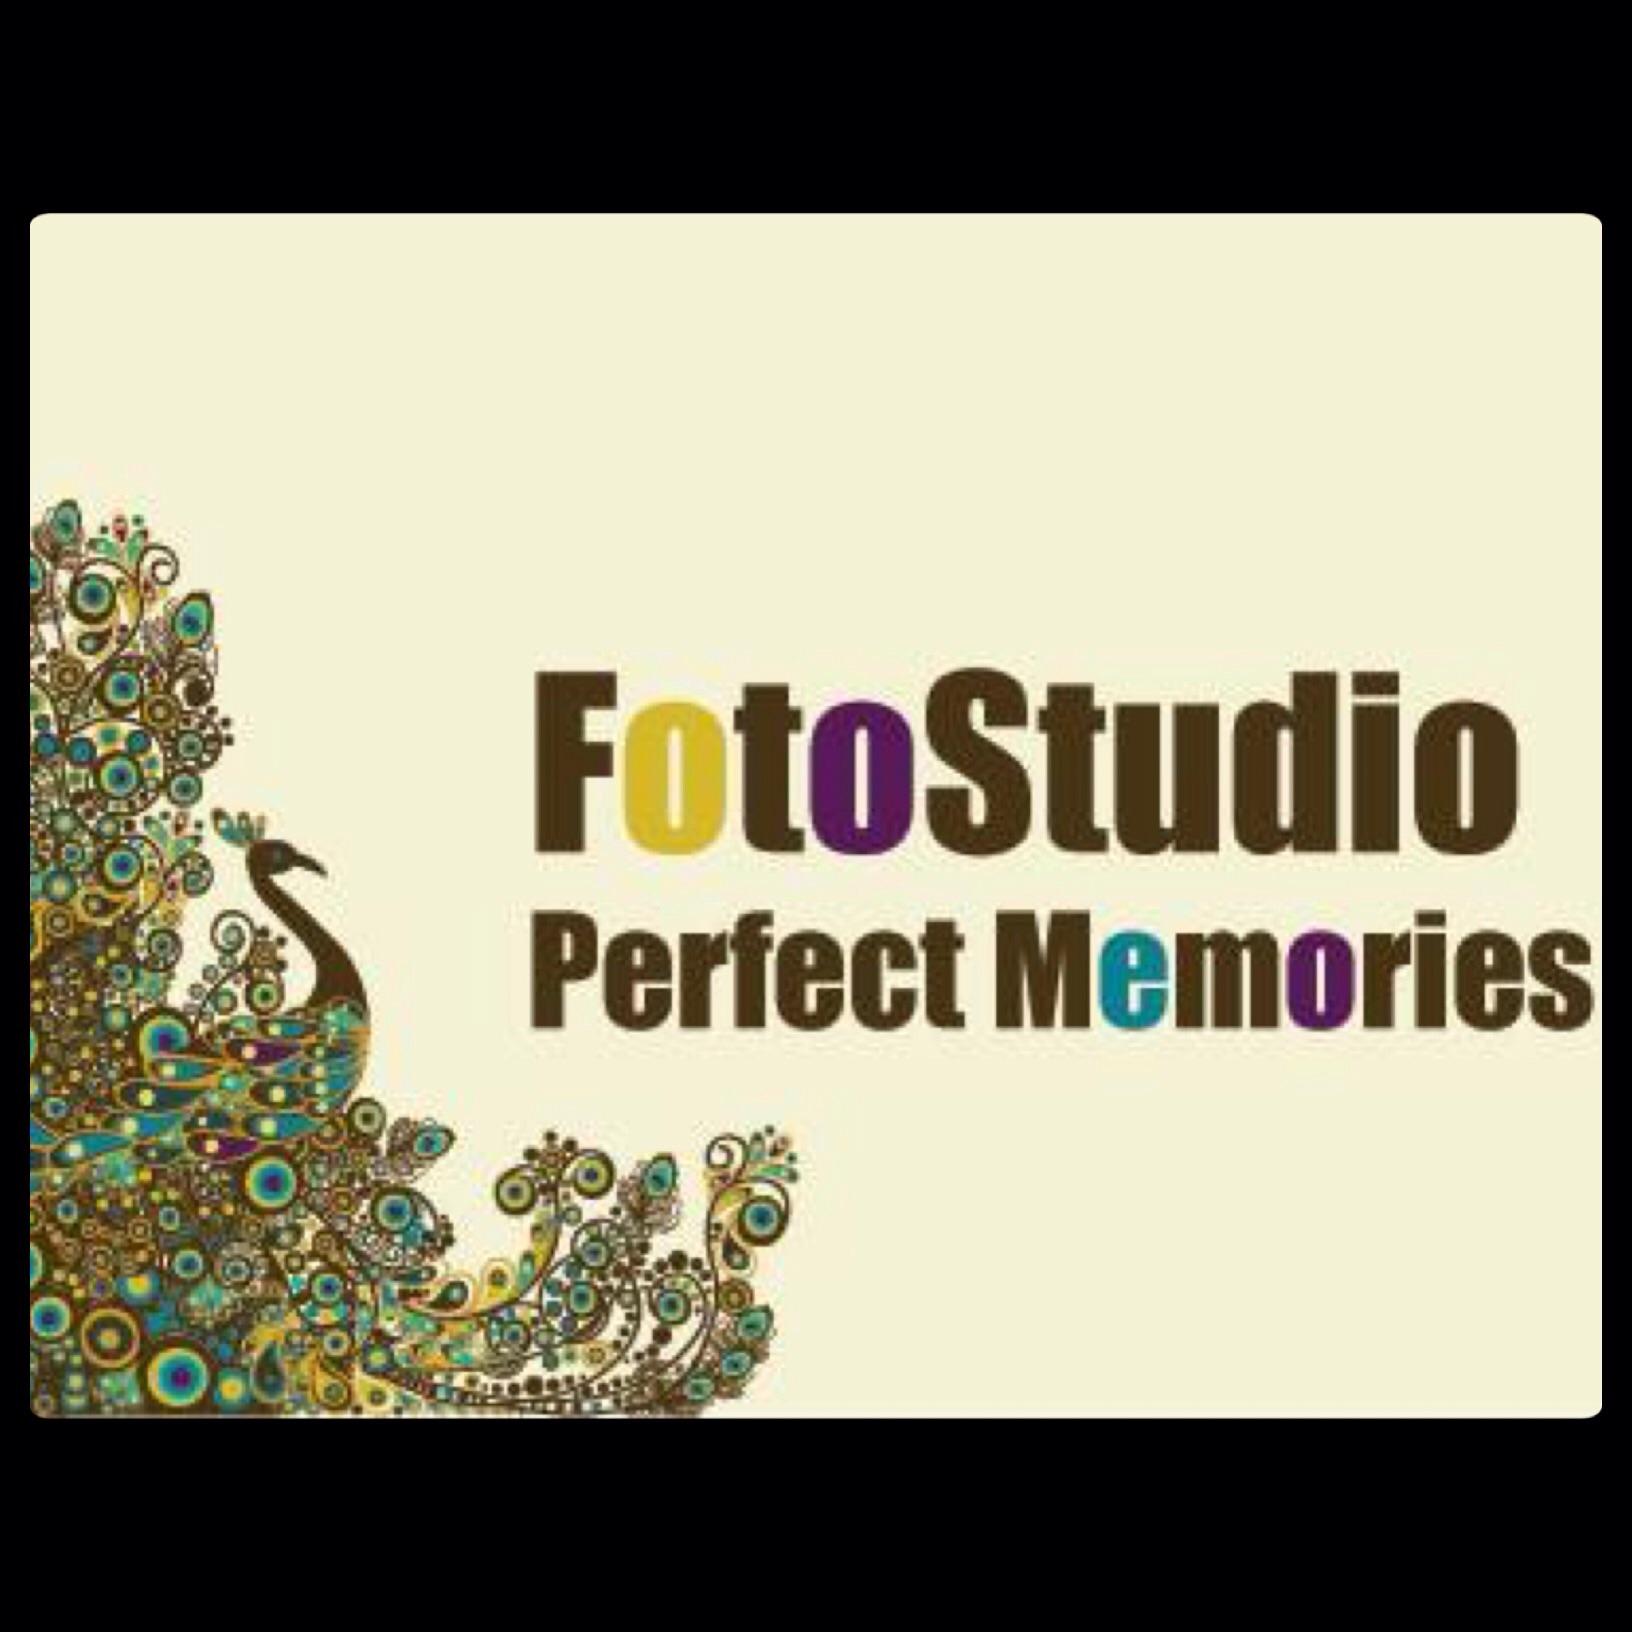 FotoStudio Perfect Moments Logo Sponsor